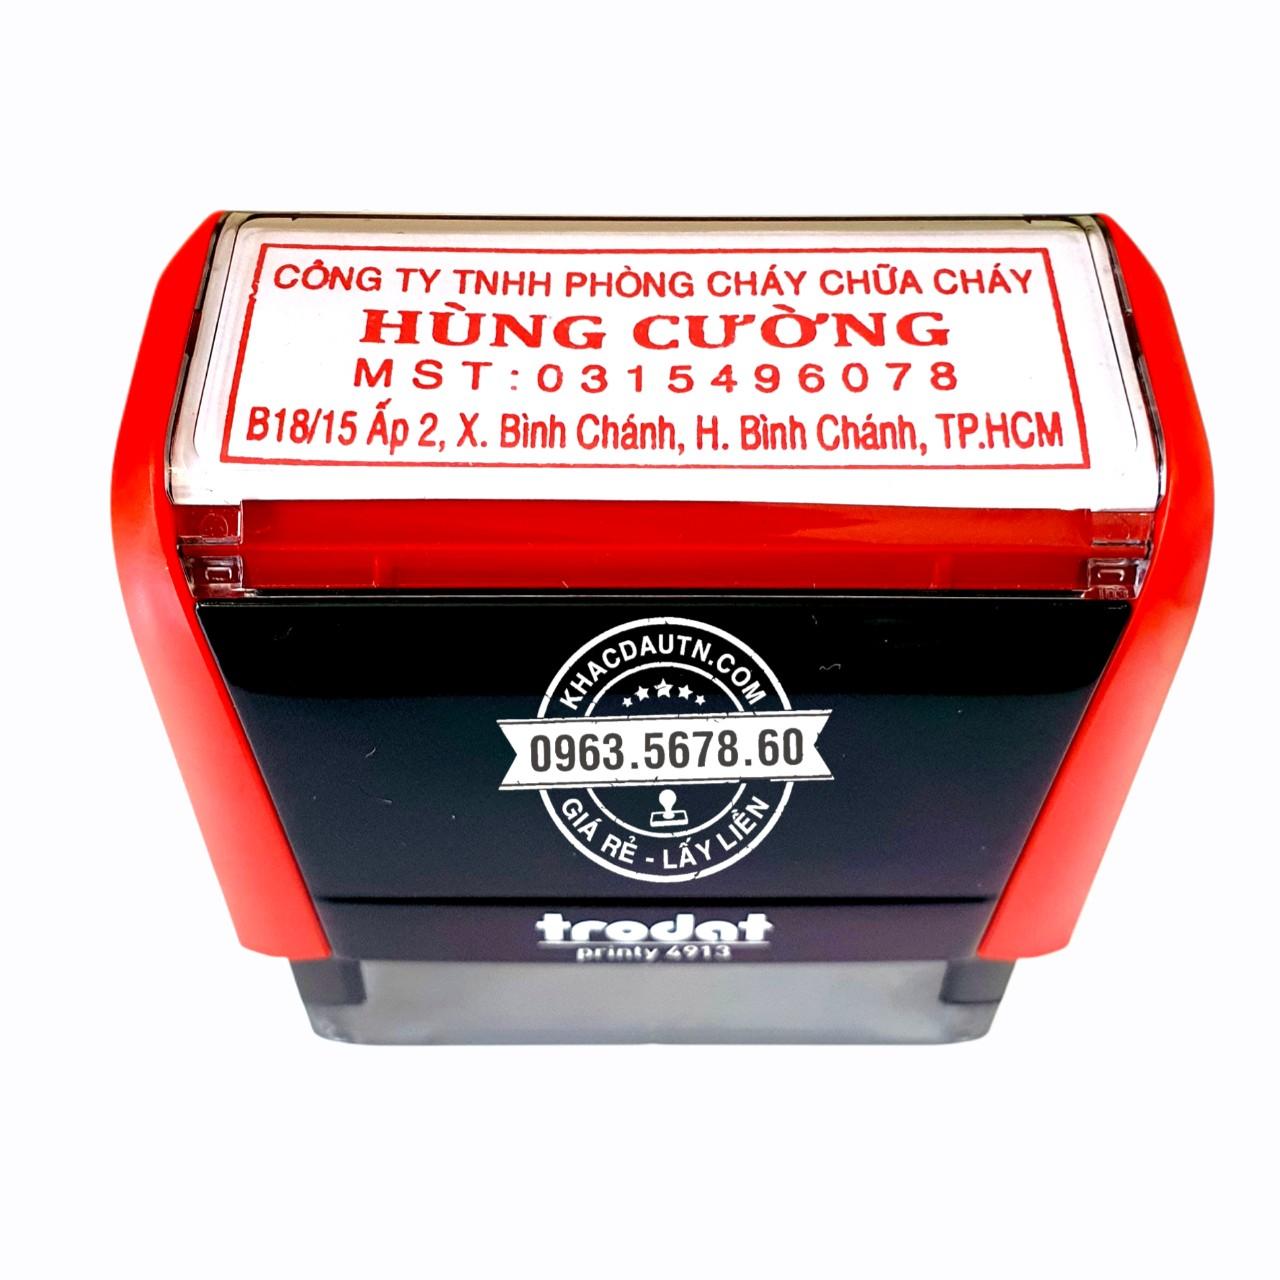 Nhận làm con dấu tại Long Xuyên An Giang dịch vụ làm con dấu uy tín chất lượng tốt.